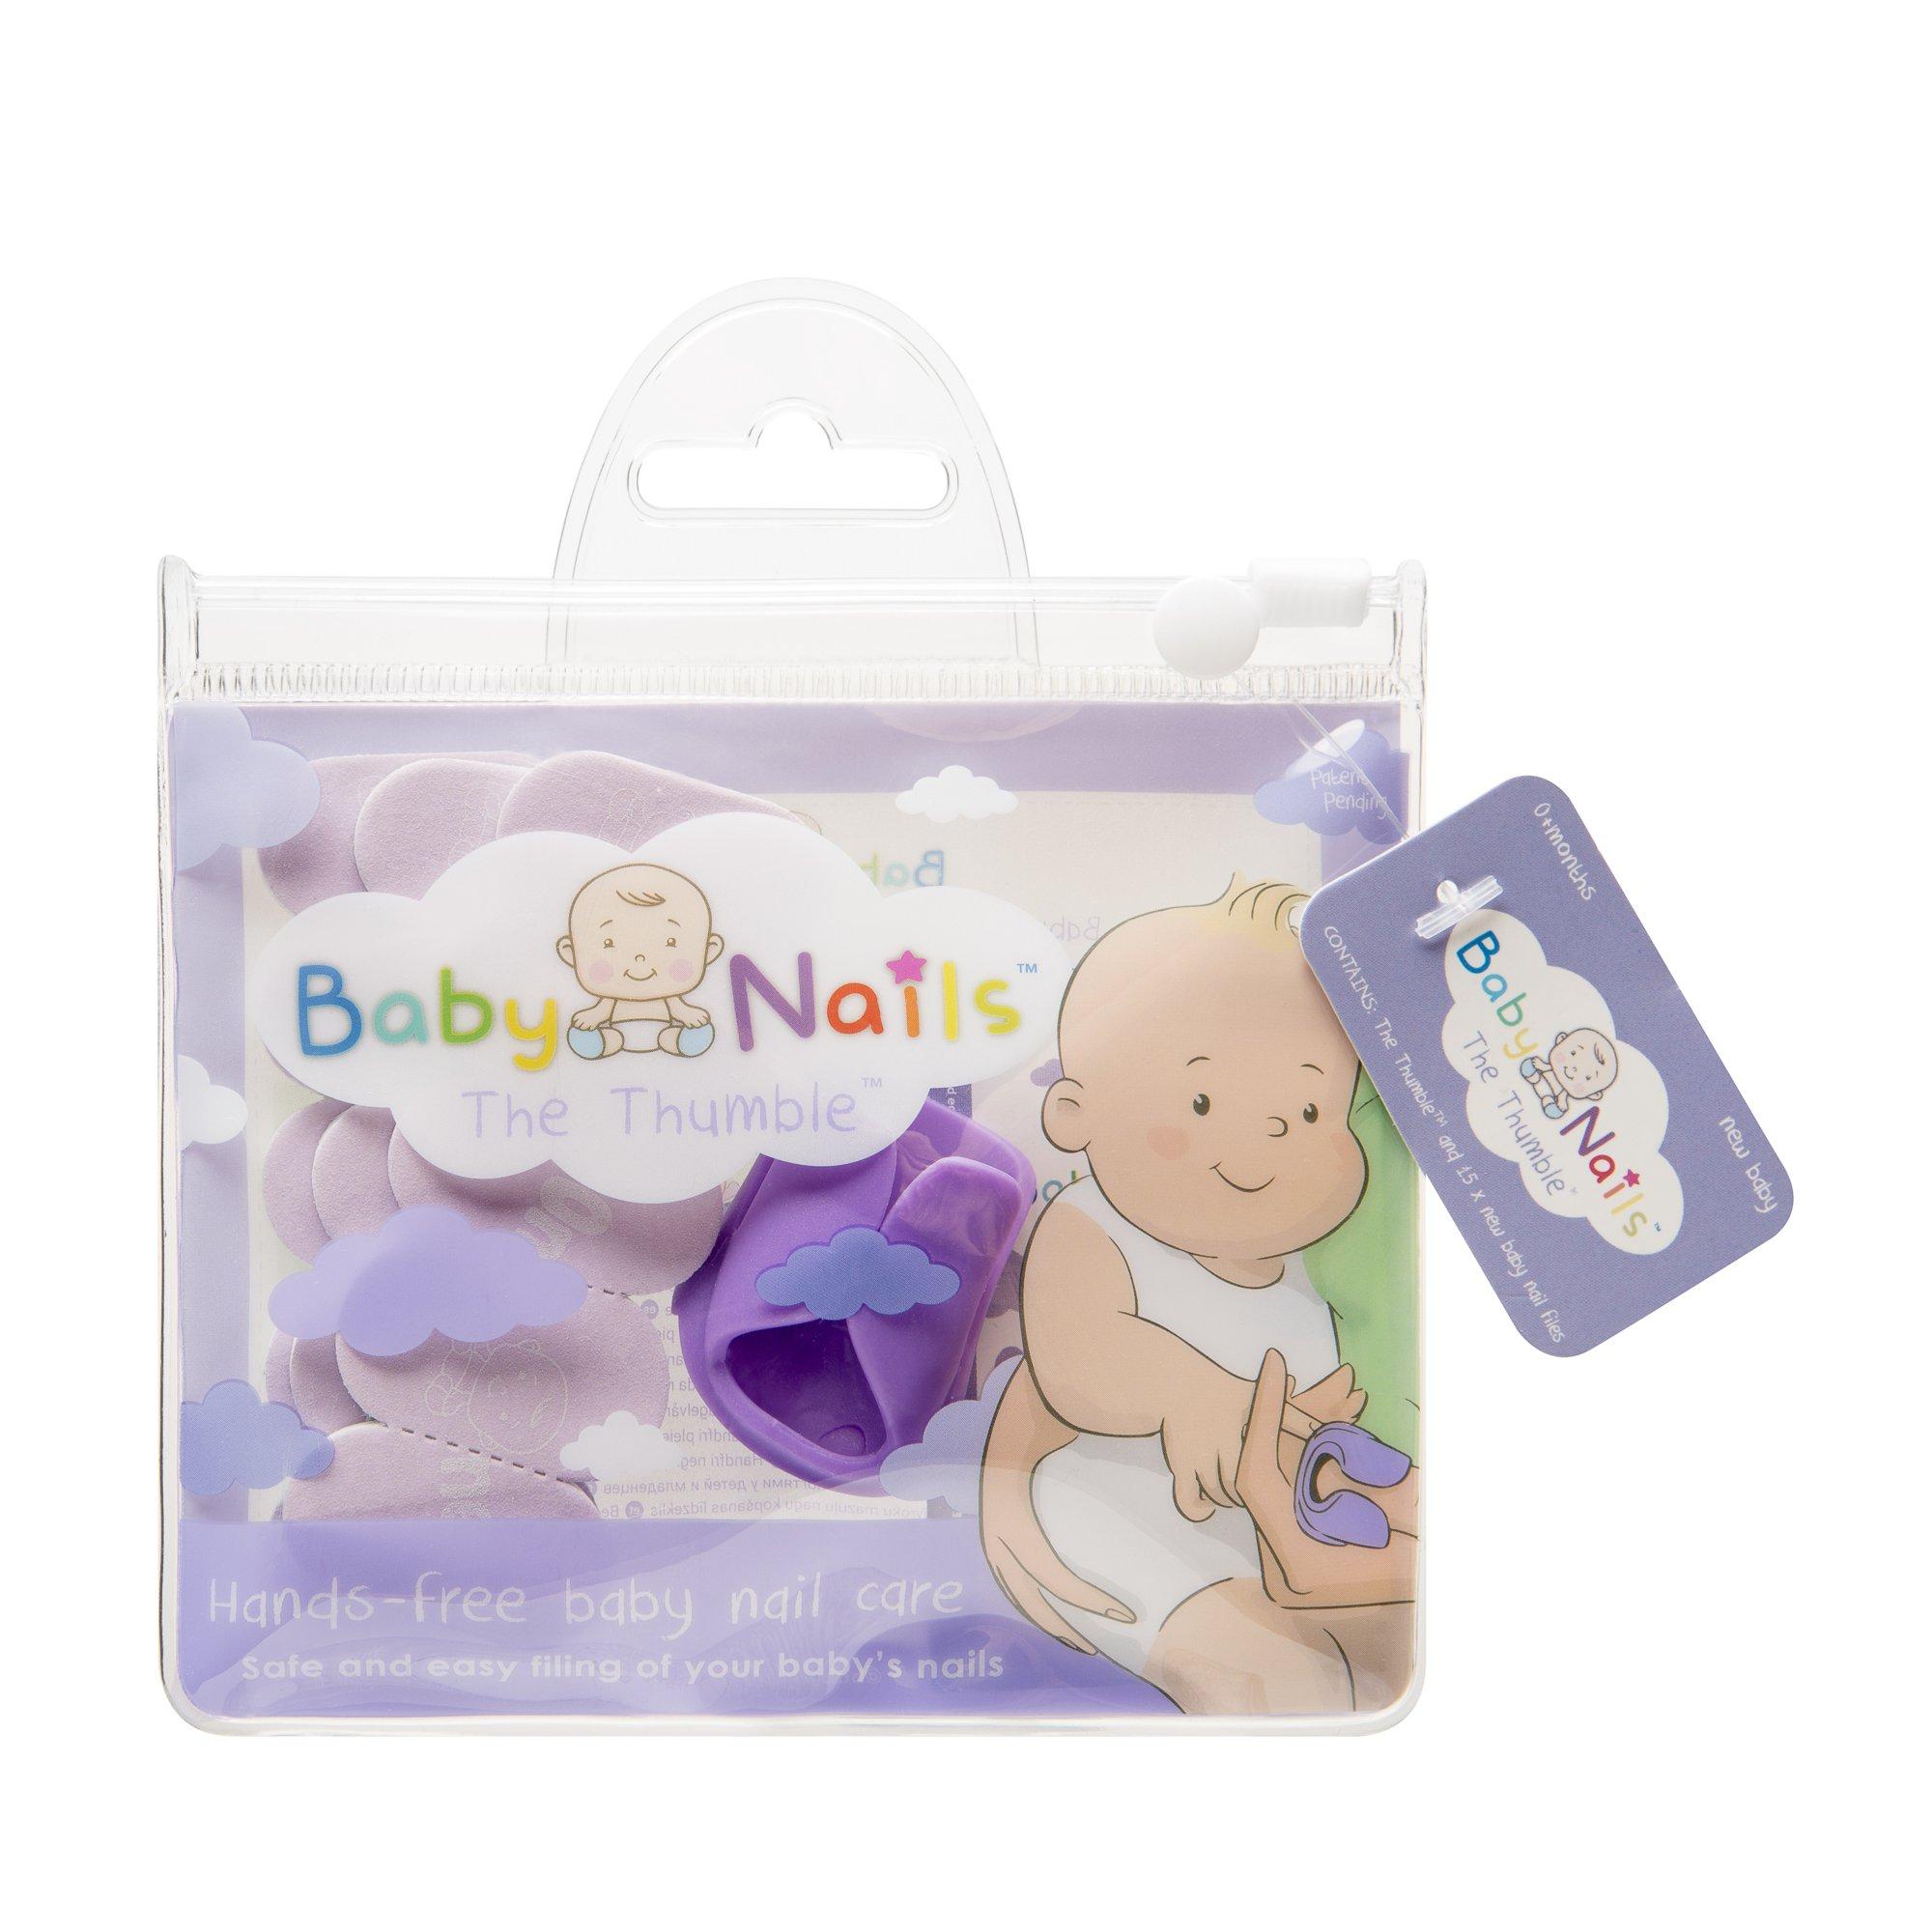 Lima de uñas para recien nacidos (0 meses +) I Cuidado de uñas bebé